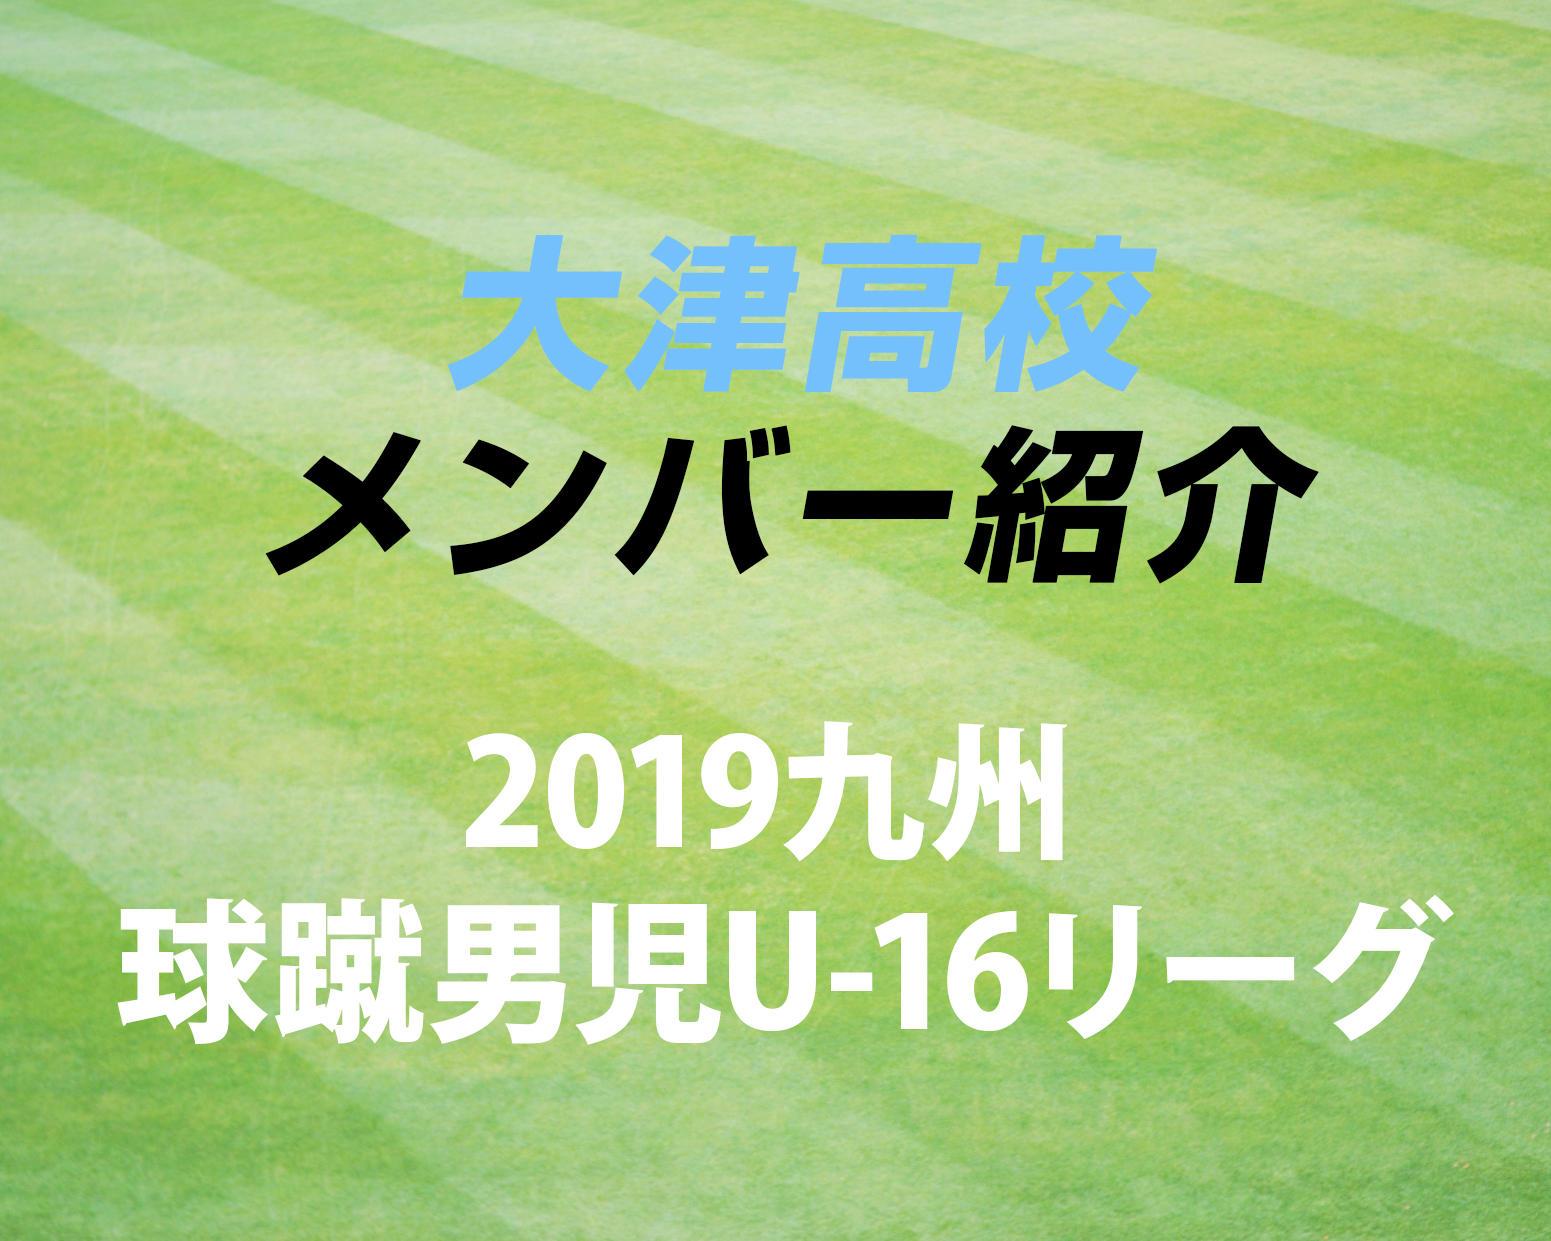 熊本の強豪・大津高校サッカー部のメンバー紹介!(2019 球蹴男児U-16リーグ D1リーグ)